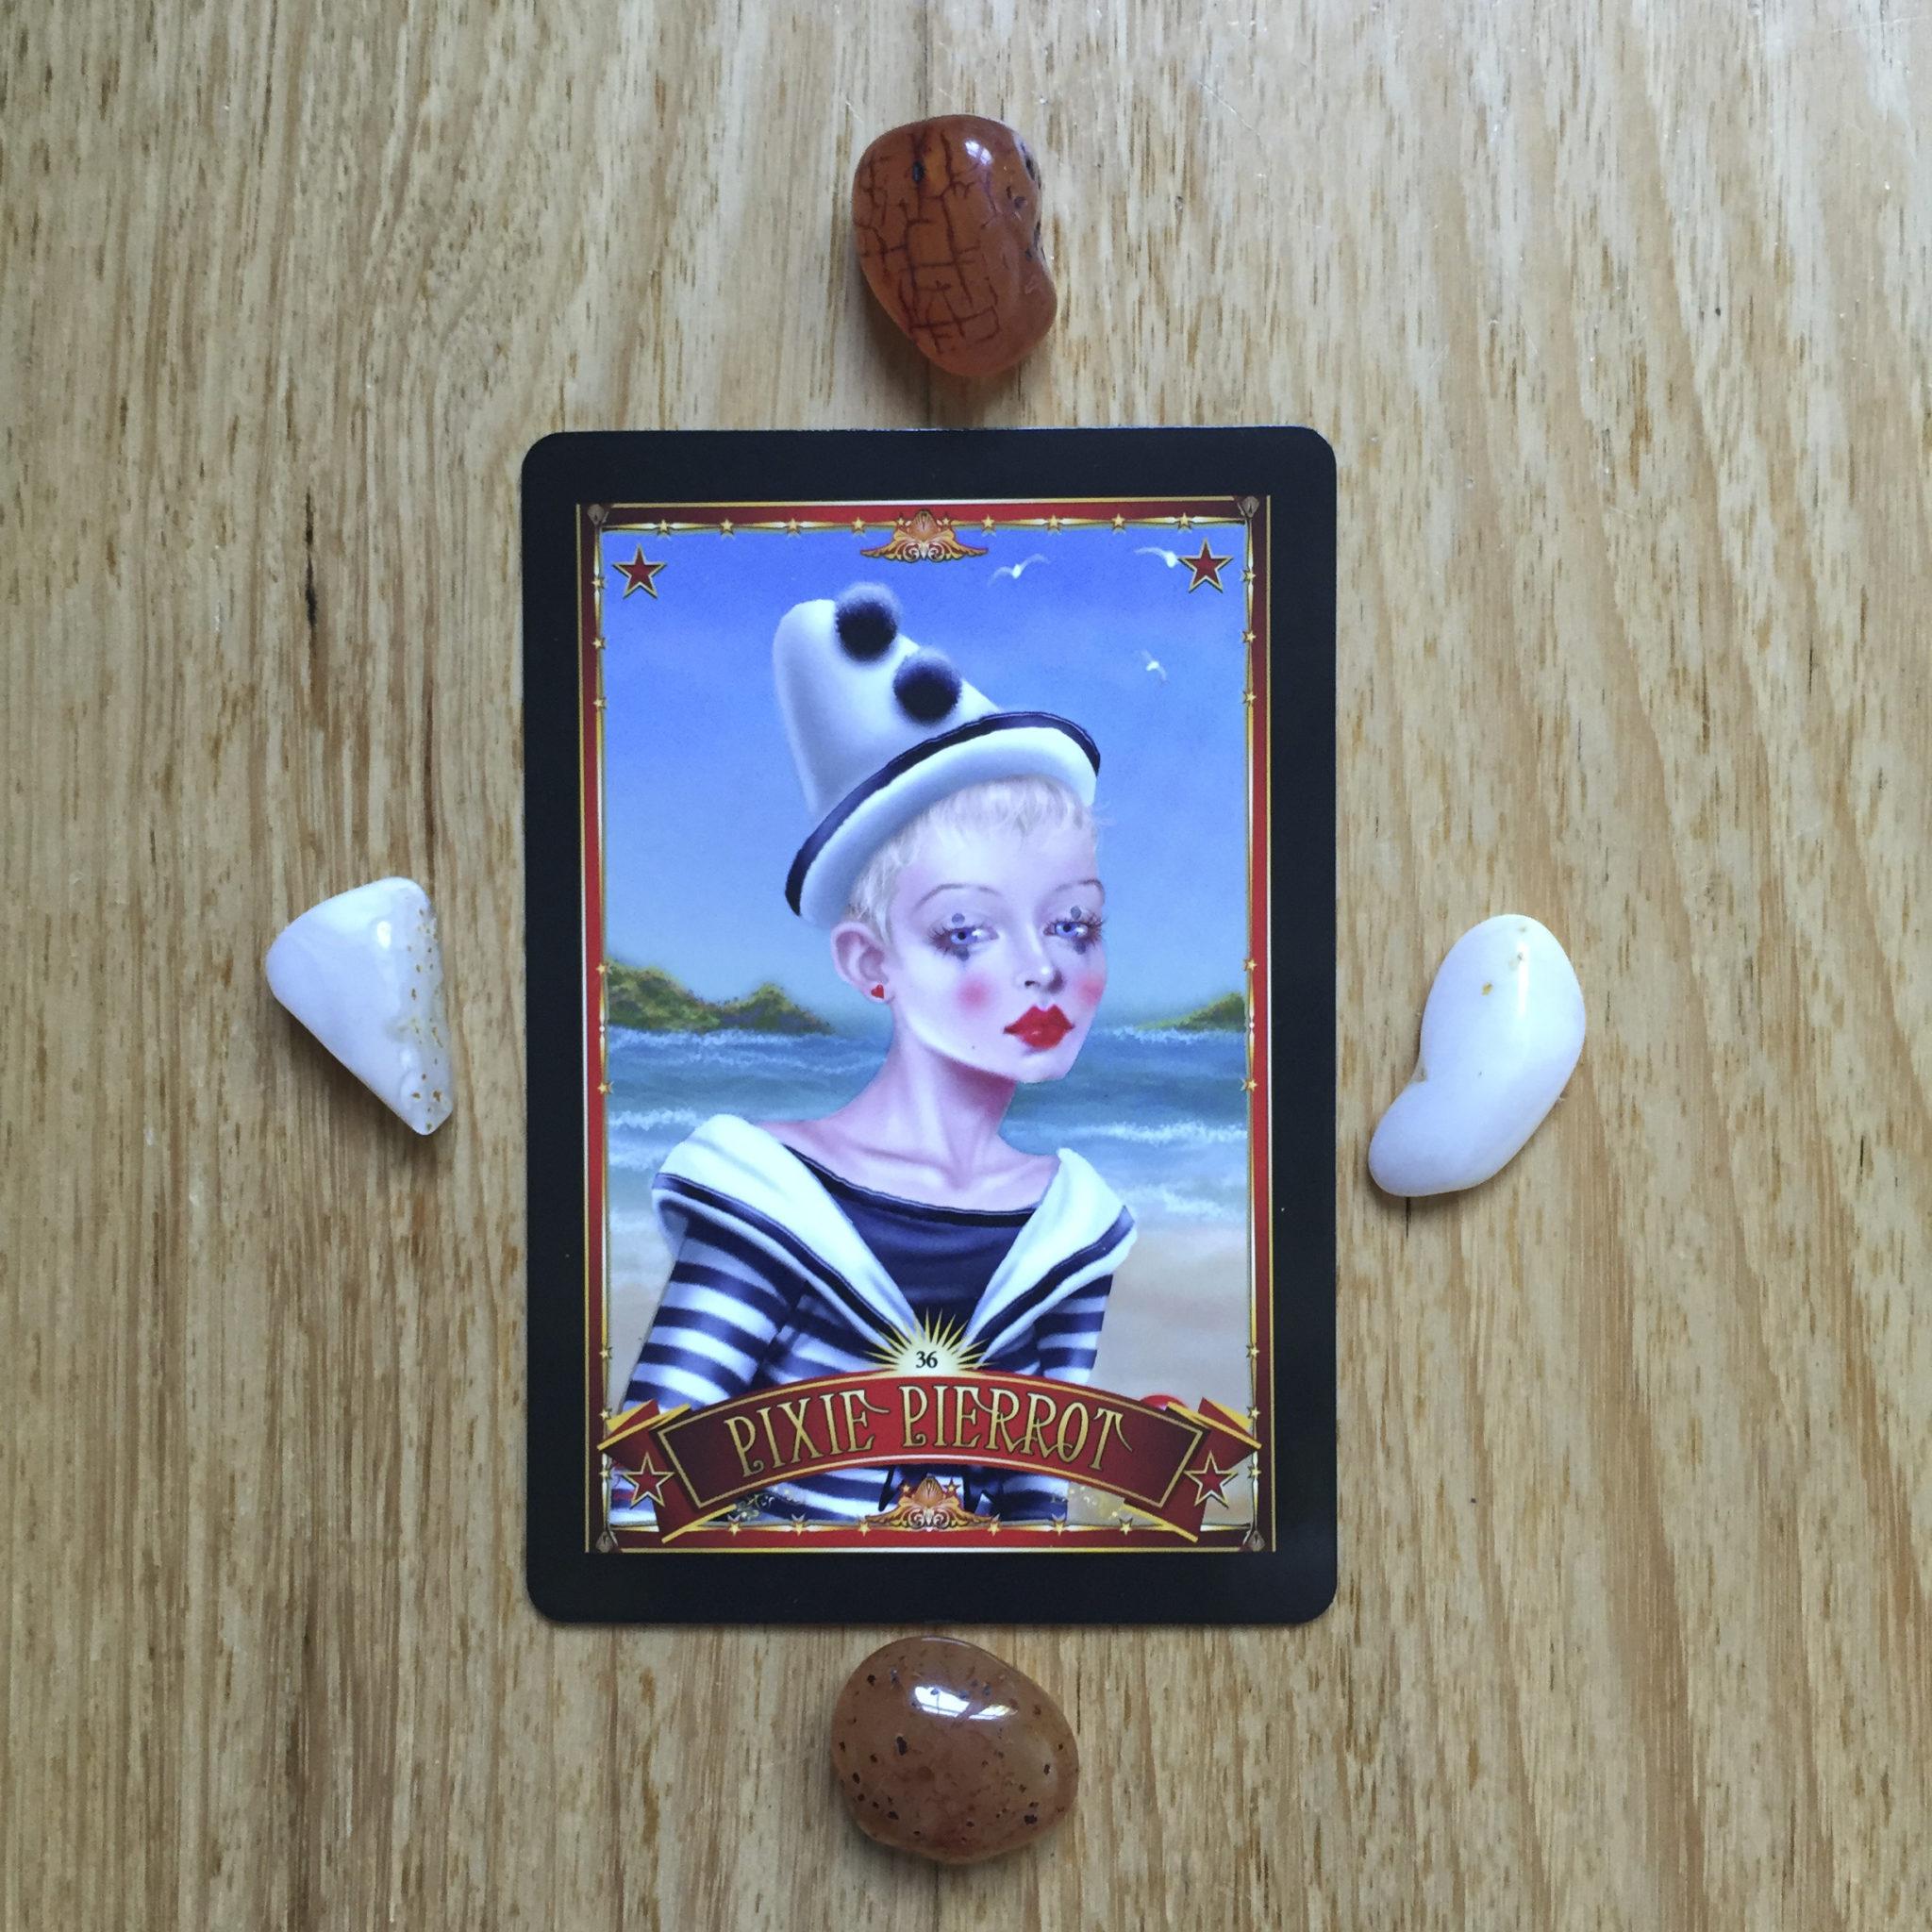 Pixie Pierrot